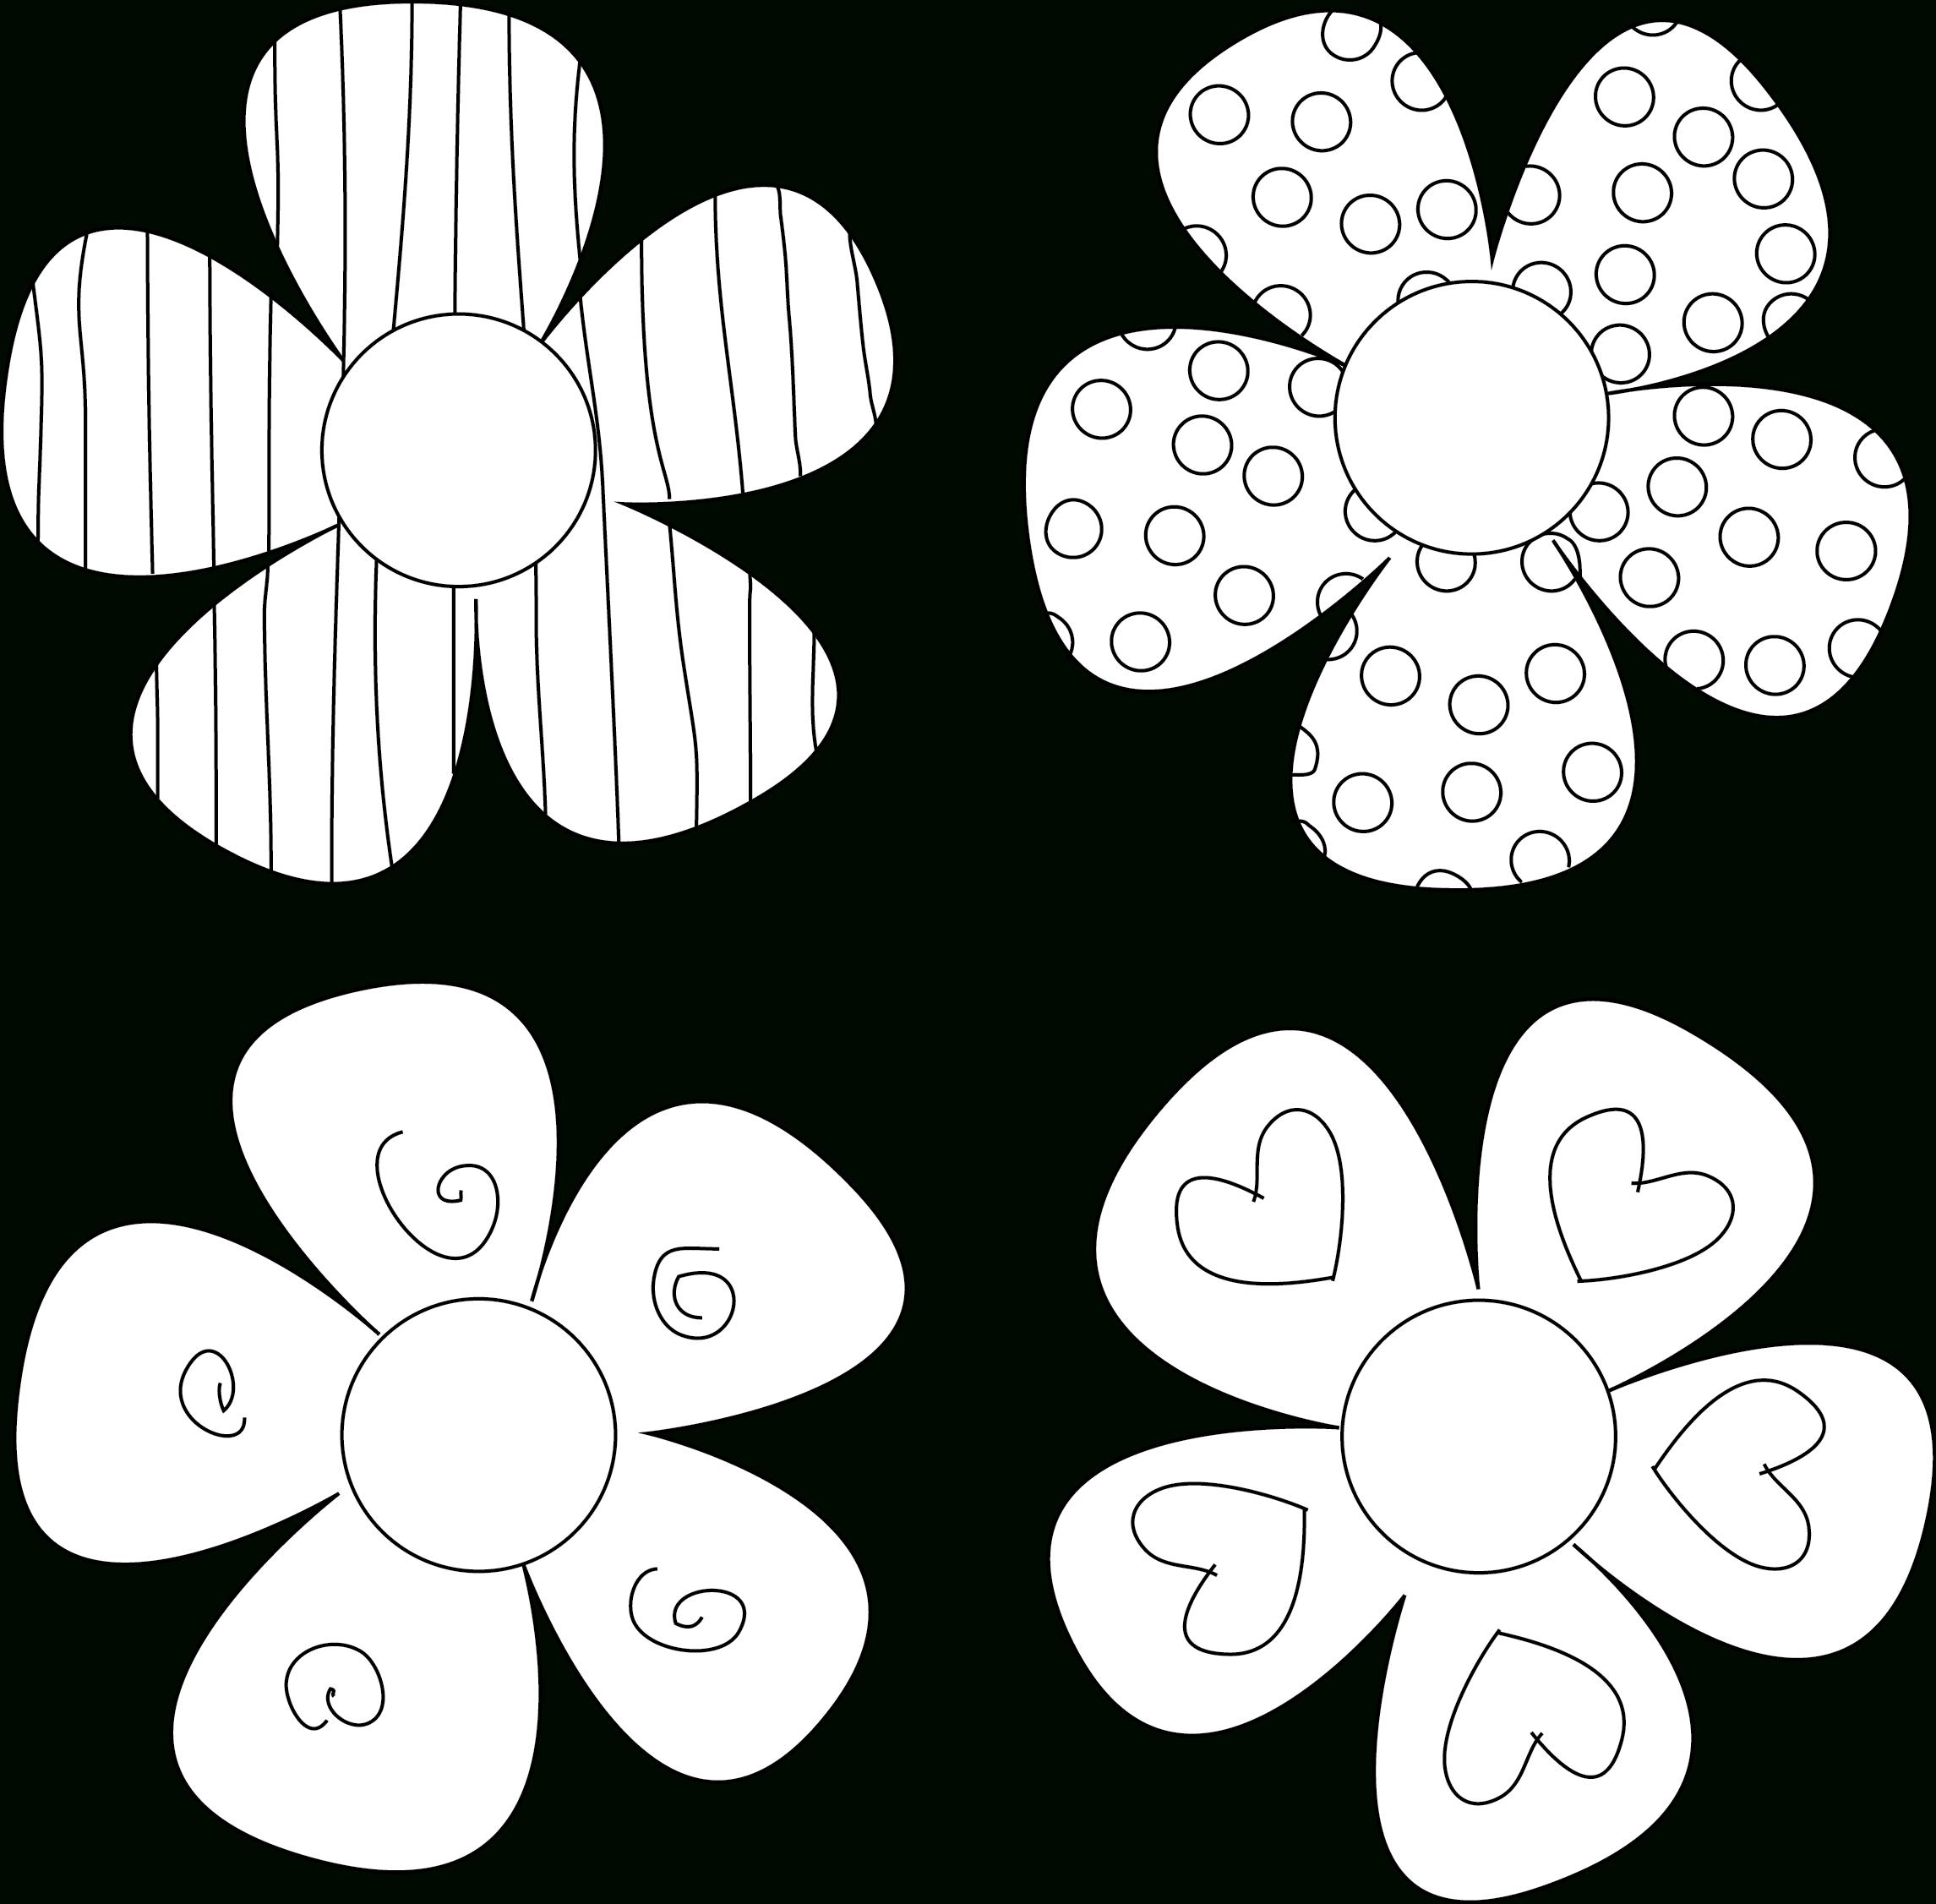 Diy Flower Tutorials You Must Try | 1 | Flower Template, Digital - Free Printable Flowers